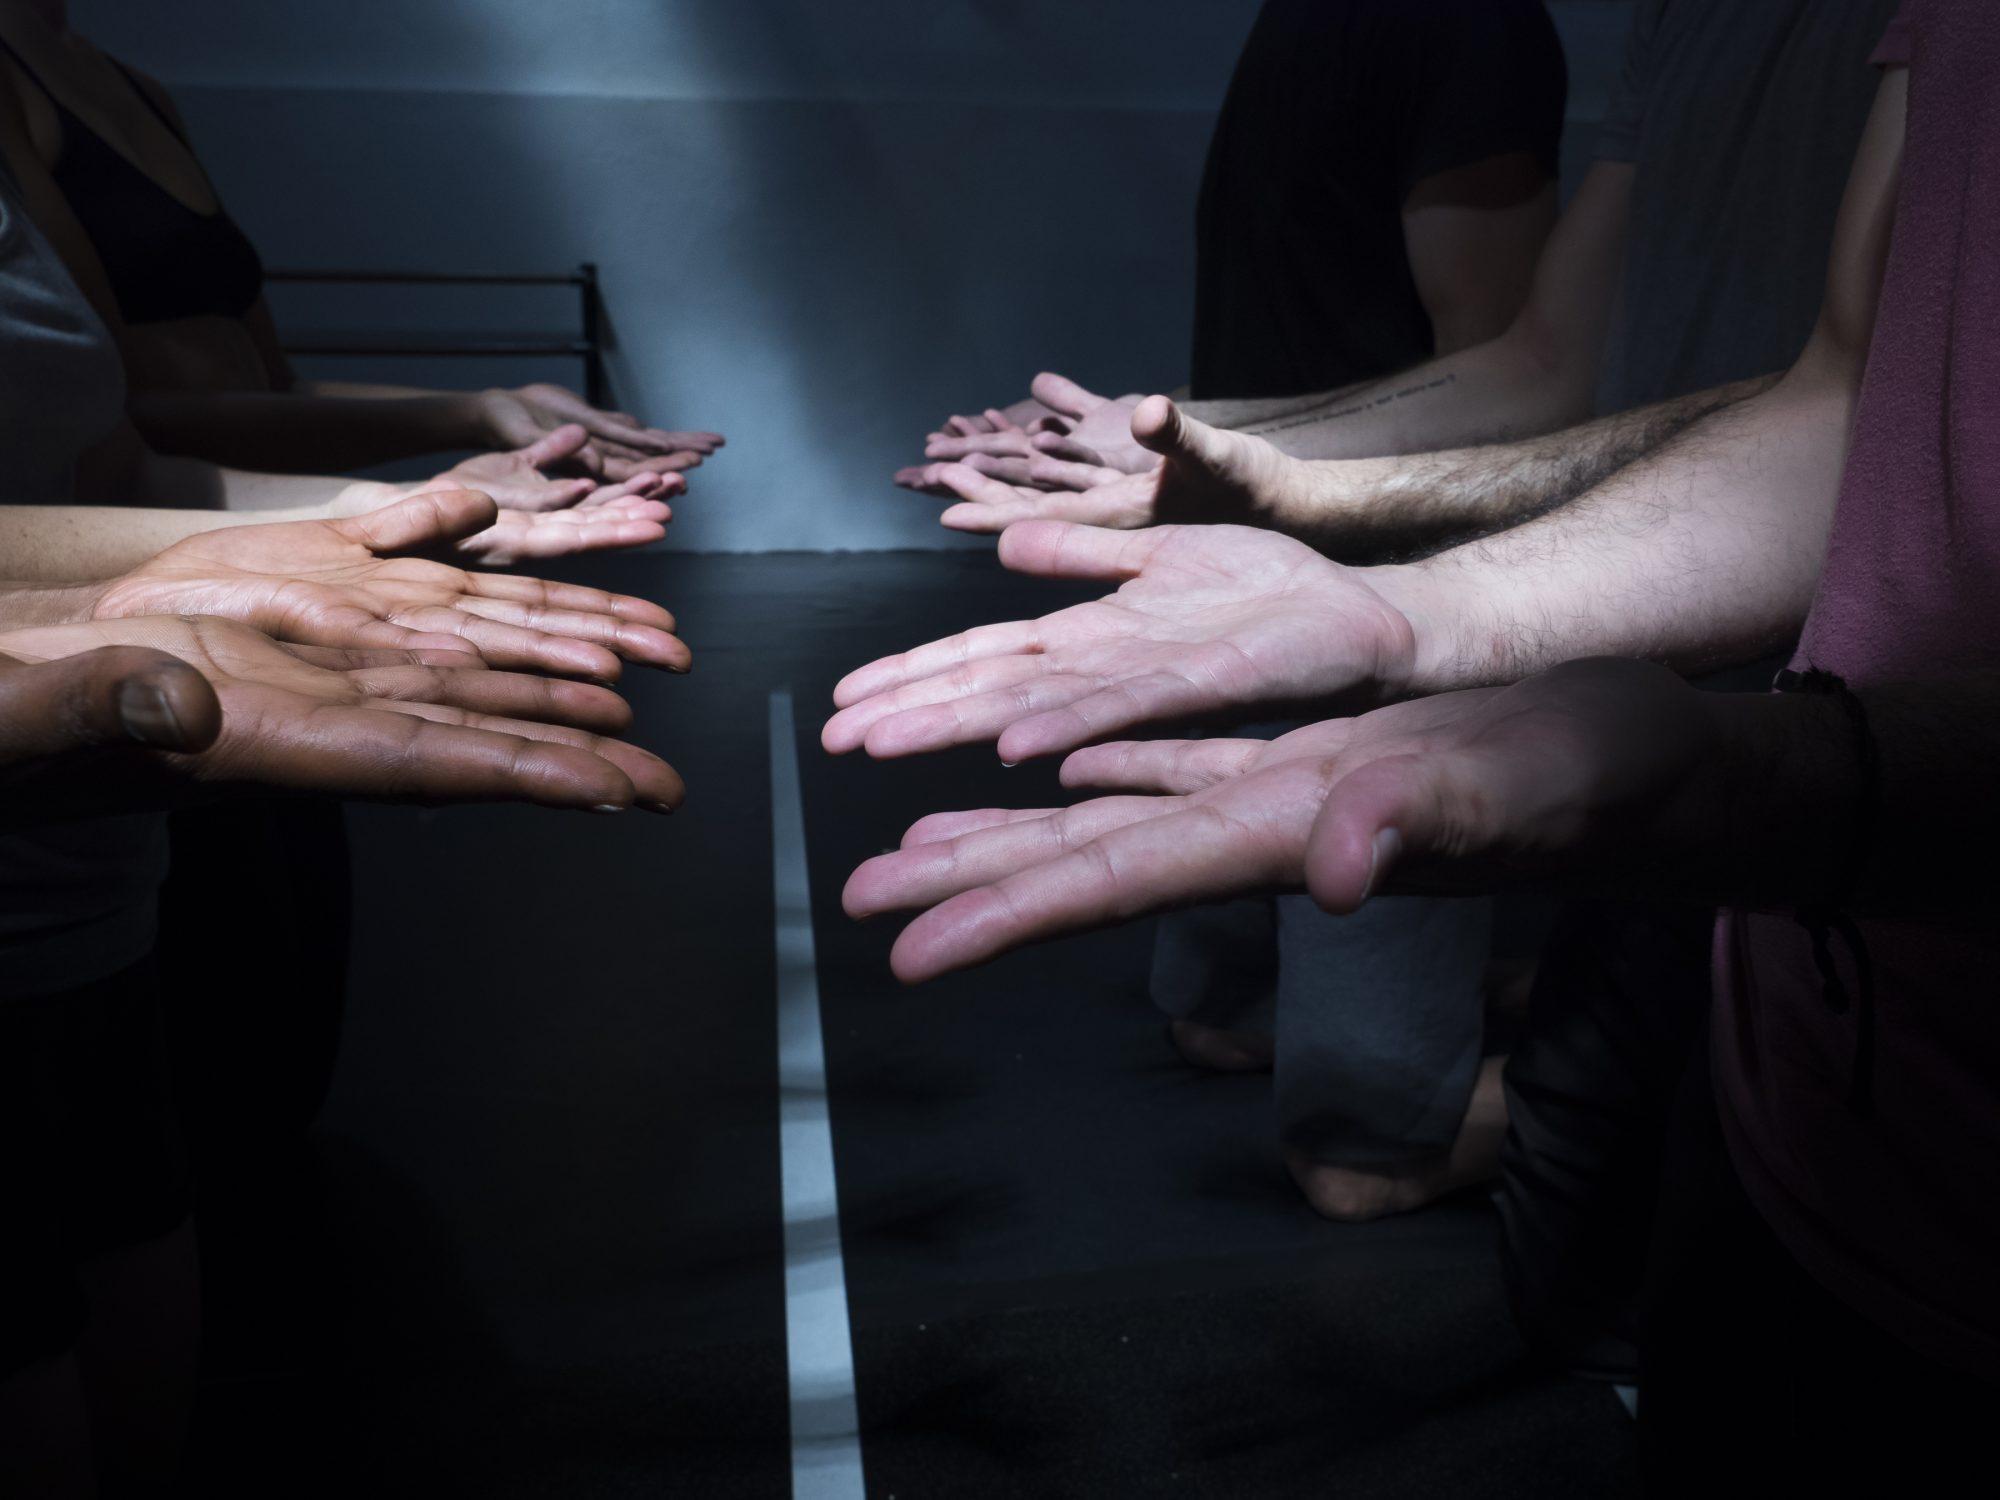 o ensino da danca inclusiva - foto joao pedro rodrigues